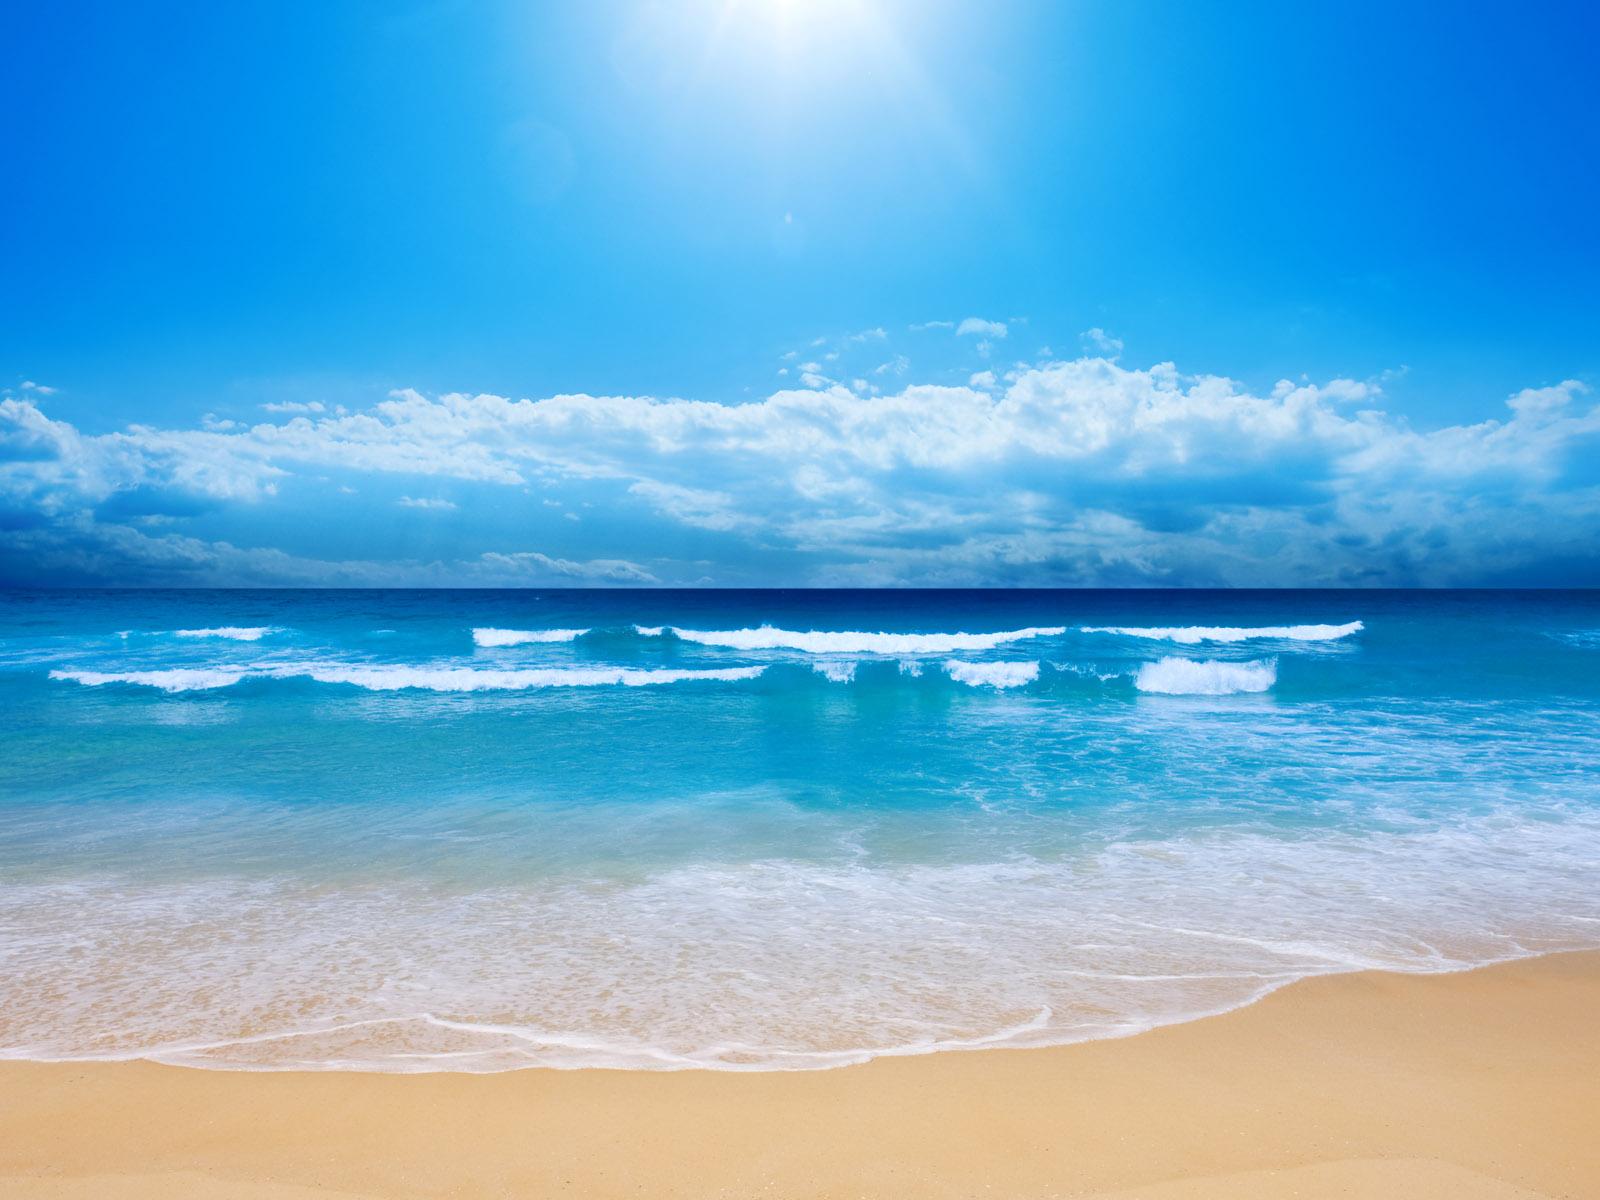 море, песок, скачать фото, обои на рабочий стол, beach, sand